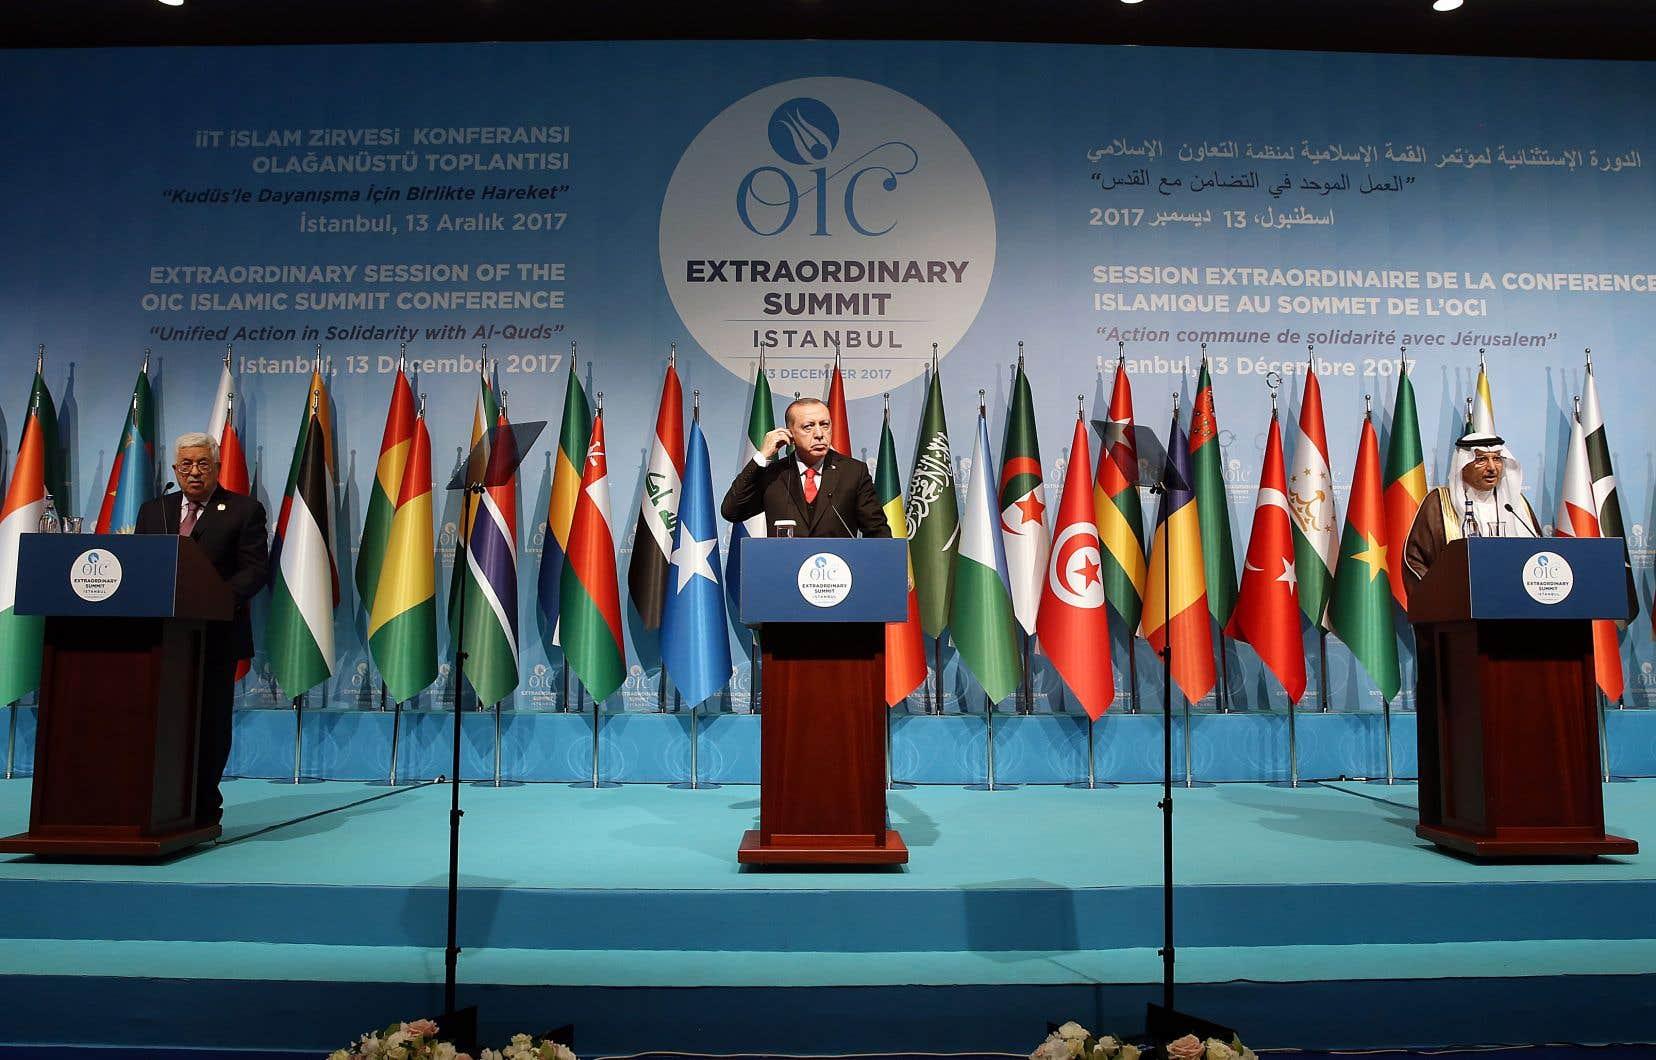 Le président palestinien, Mahmoud Abbas, le président turc, Recep Tayyip Erdogan, et le secrétaire général de l'Organisation de la coopération Islamique, Yousef Al-Othaimeen